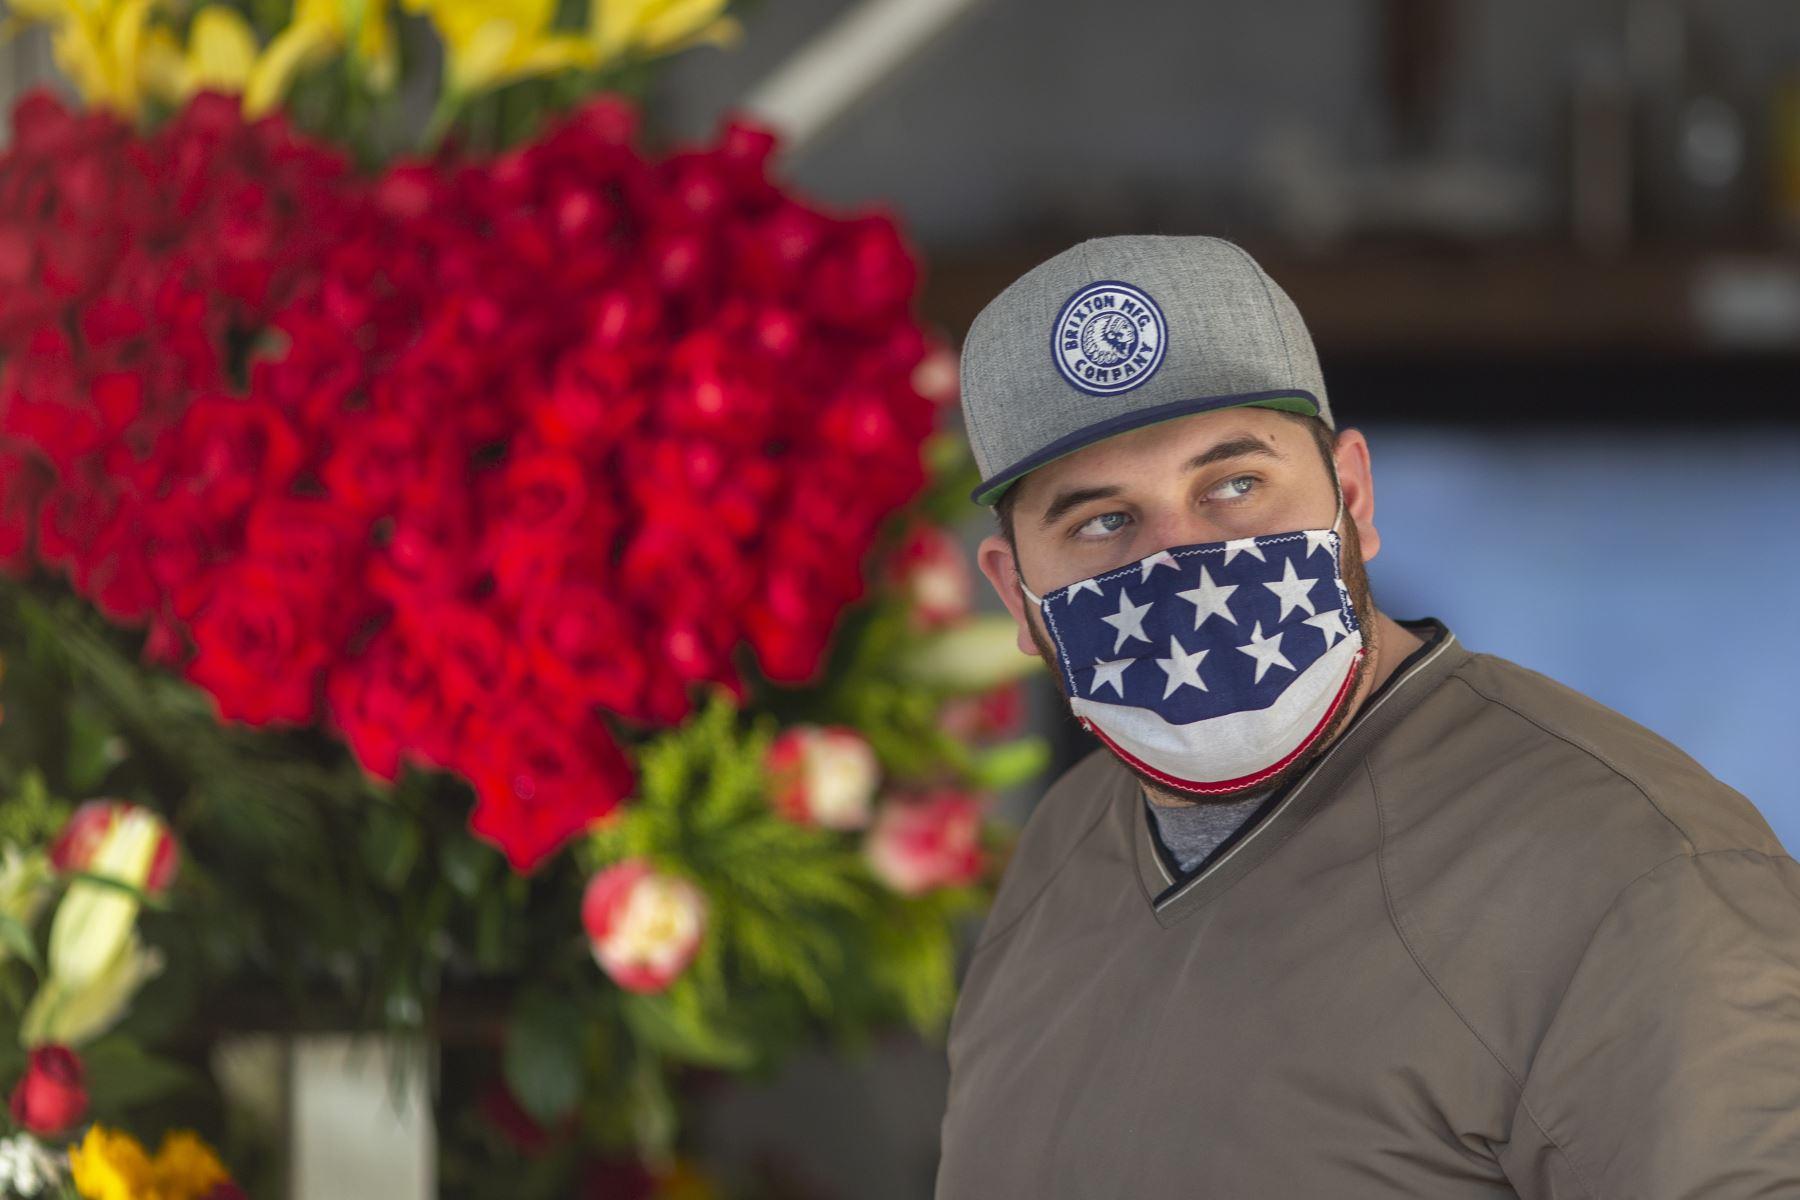 Un hombre camina con una mascarilla patriótica mientras las empresas en el distrito de las flores en Skid Row reabran sus negocios. Foto: AFP